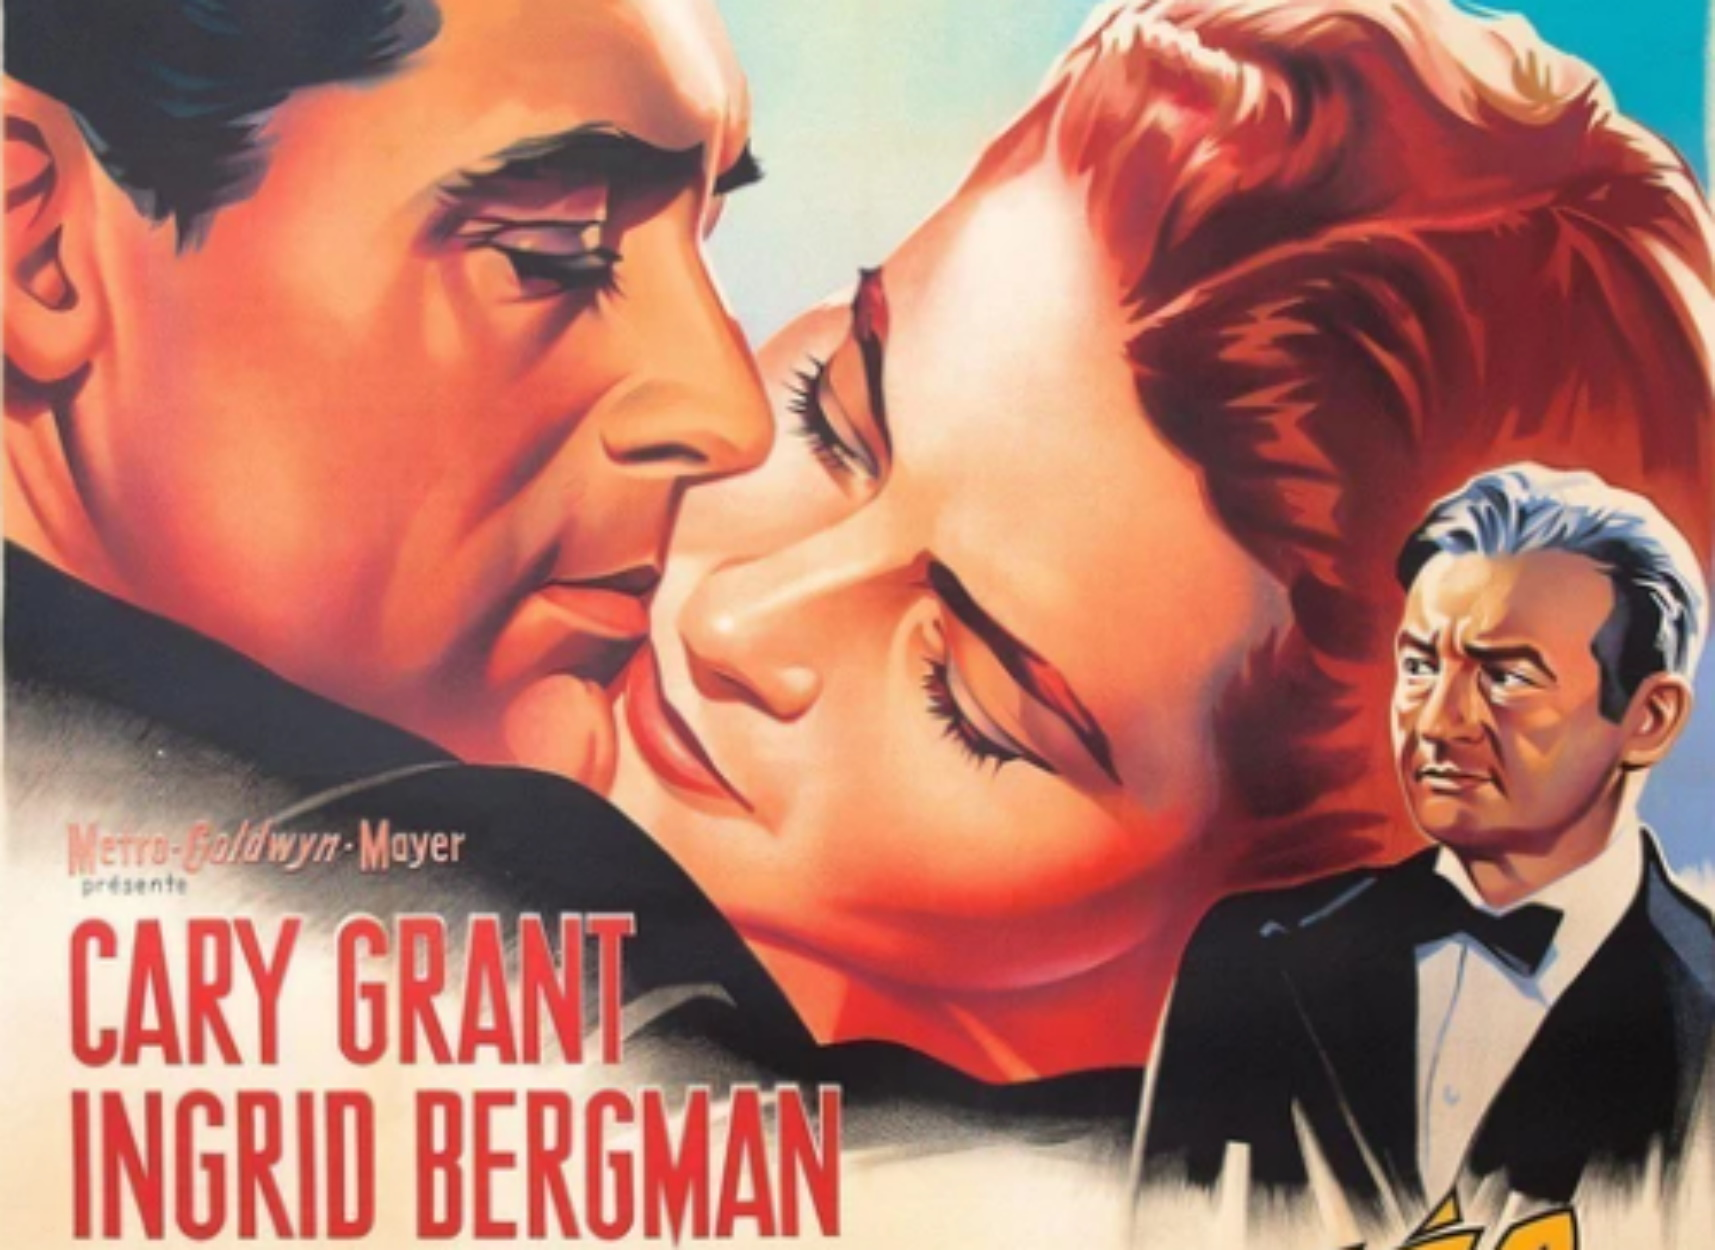 Ίνγκριντ Μπέργκμαν: Η ζωή και το τέλος της ντίβας που σόκαρε το Χόλιγουντ